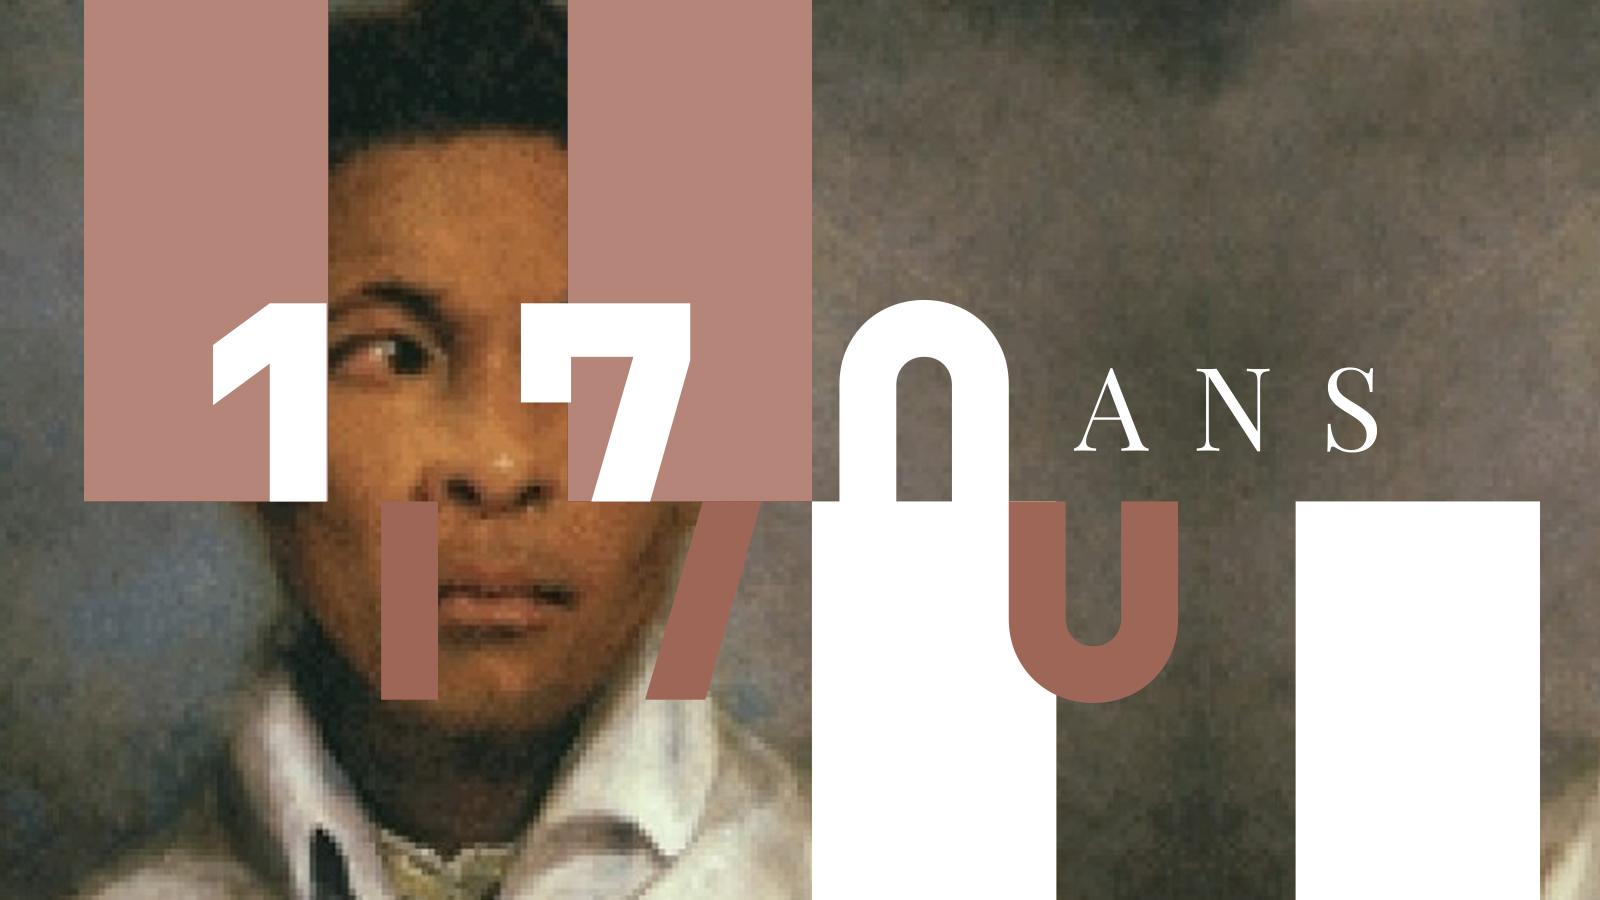 170 ans abolition de l'esclavage